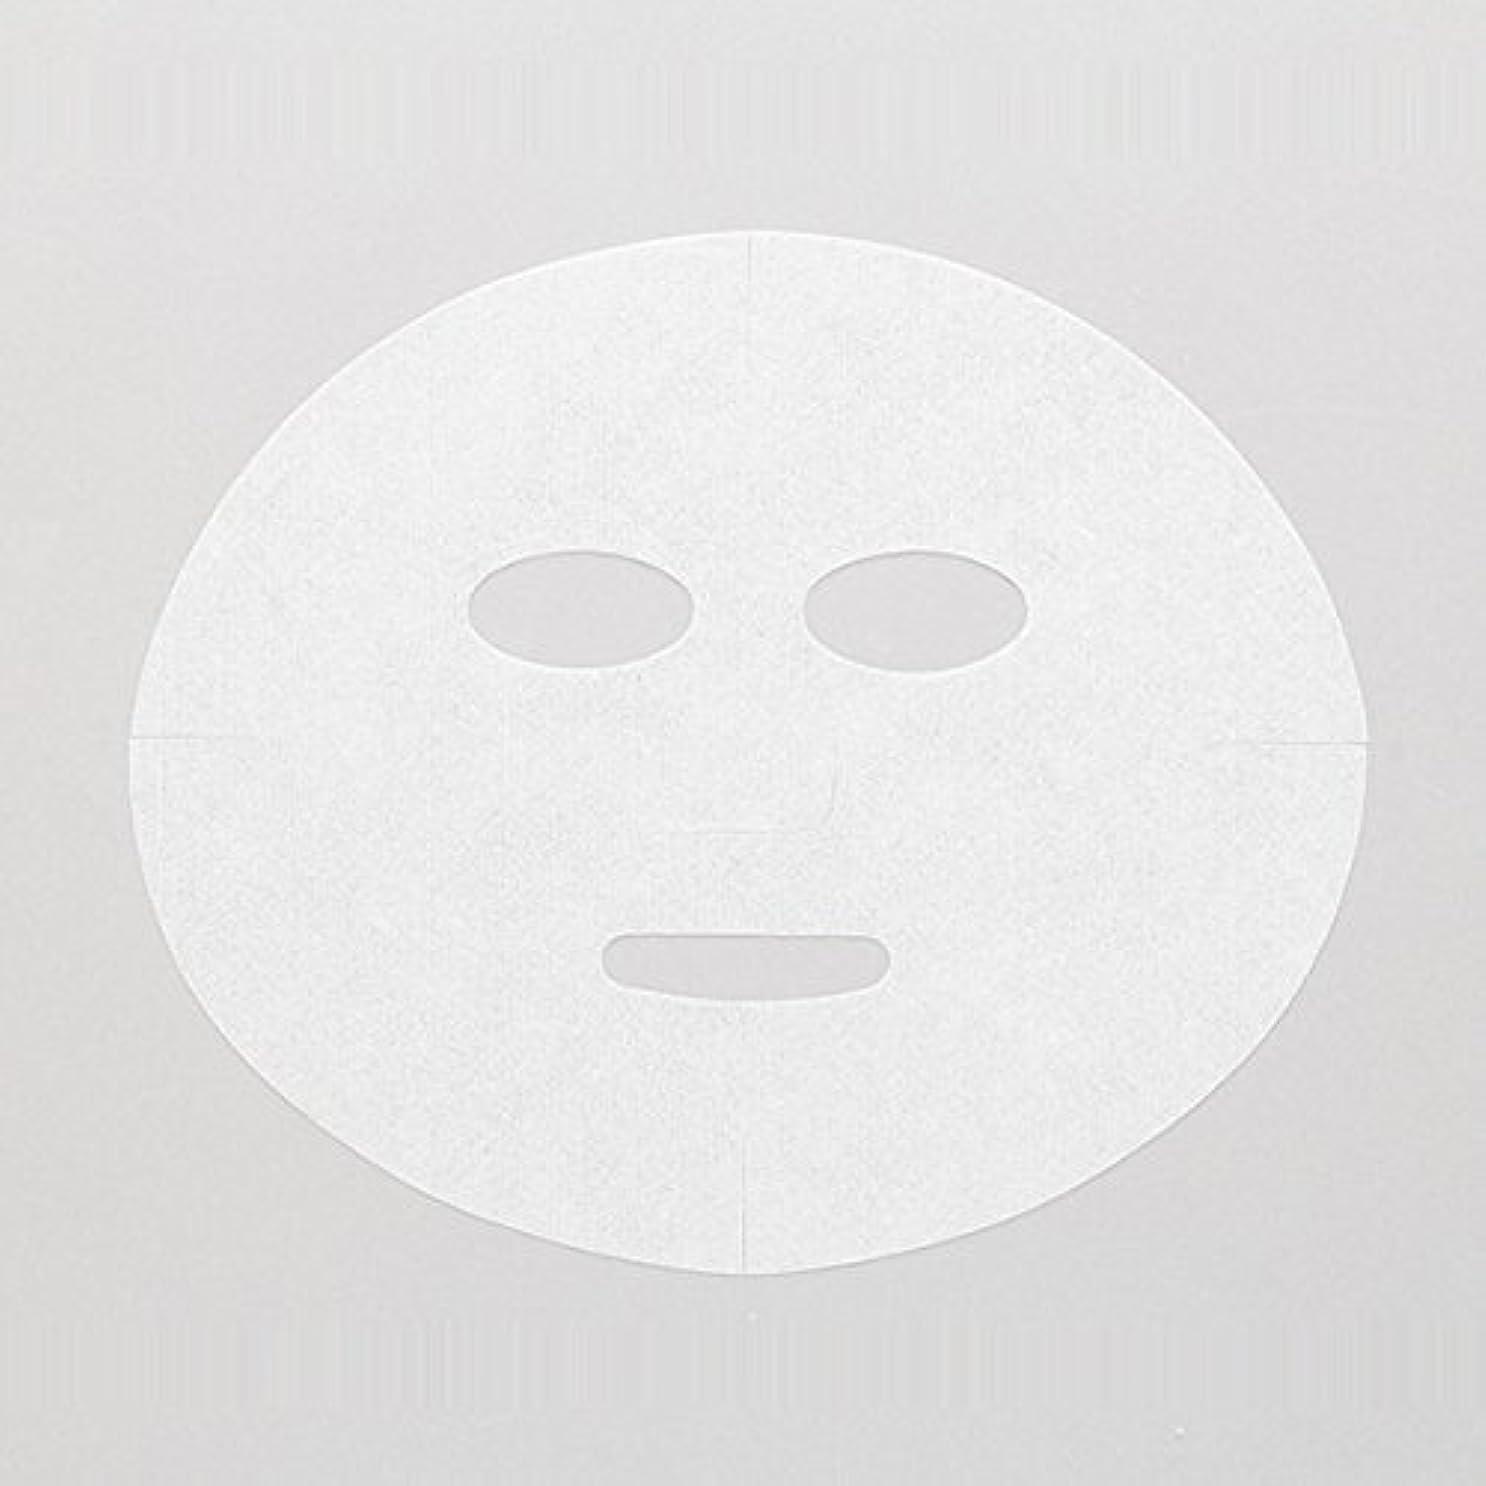 車両上機密高保水 フェイシャルシート (マスクタイプ 化粧水無) 80枚 24×20cm [ フェイスマスク フェイスシート フェイスパック フェイシャルマスク シートマスク フェイシャルシート フェイシャルパック ローションマスク...